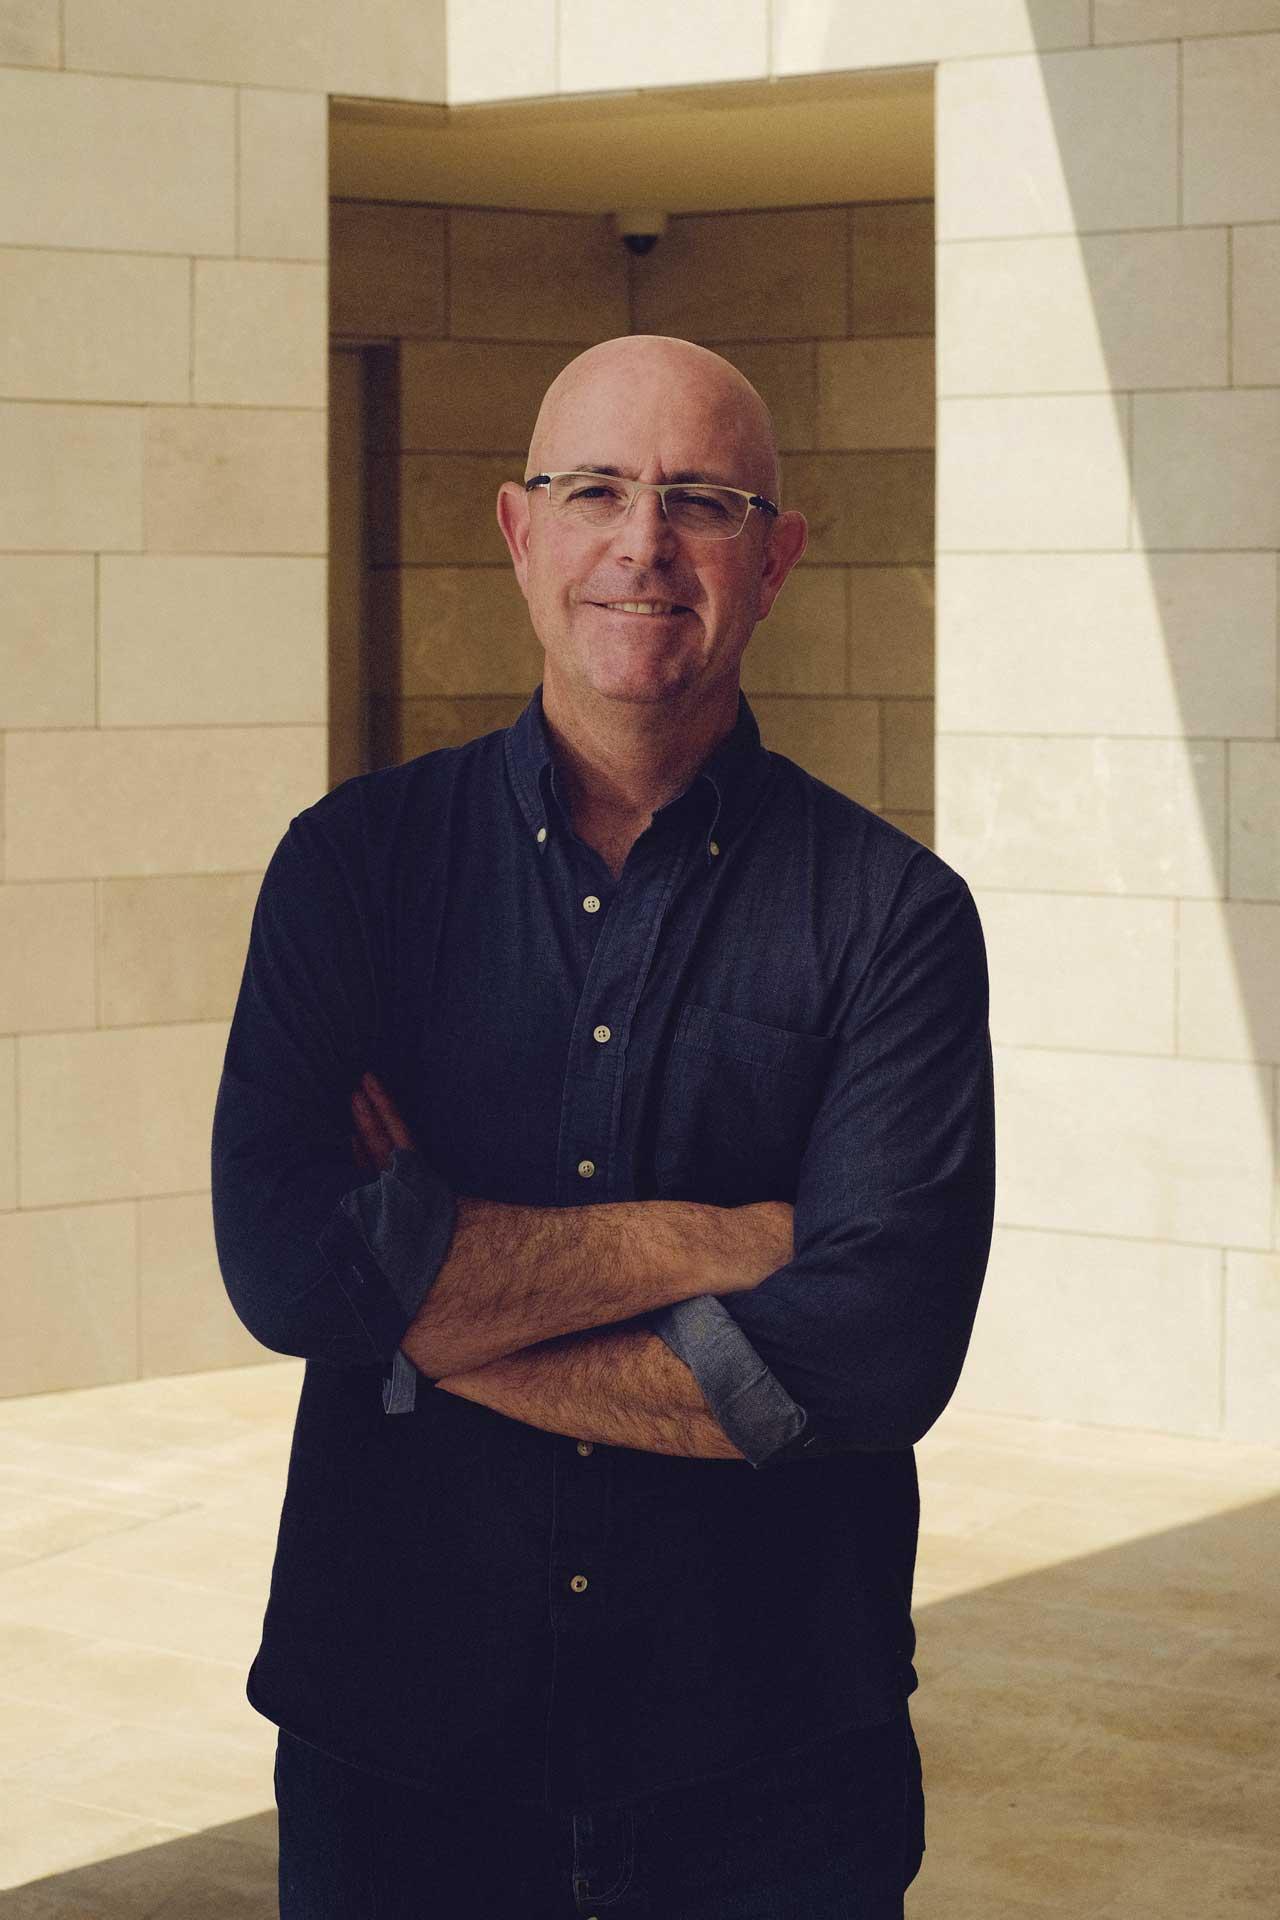 Mark Sopp is Senior Vice President and Vice Principal at SB Architects